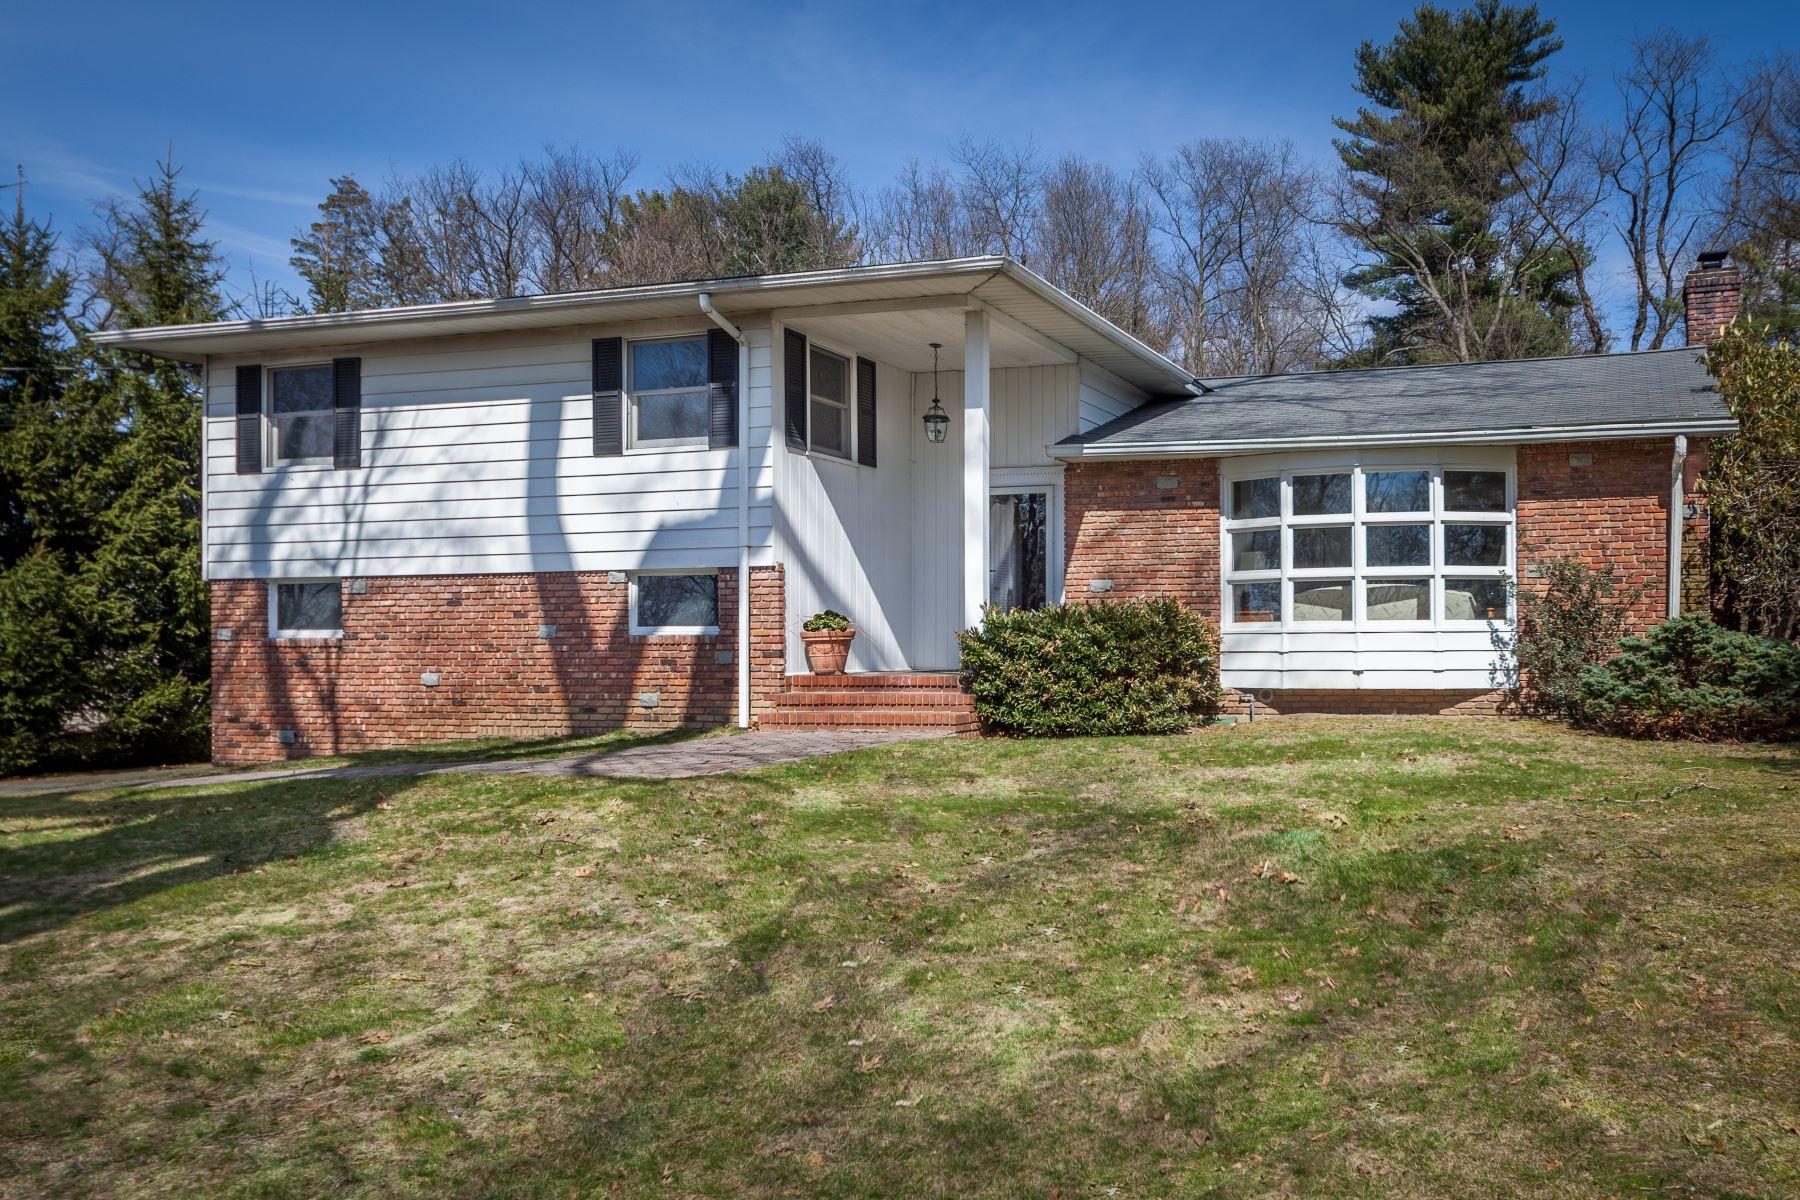 Частный односемейный дом для того Продажа на Wonderful Location! 11 Myrtle Avenue, Dobbs Ferry, Нью-Йорк, 10522 Соединенные Штаты